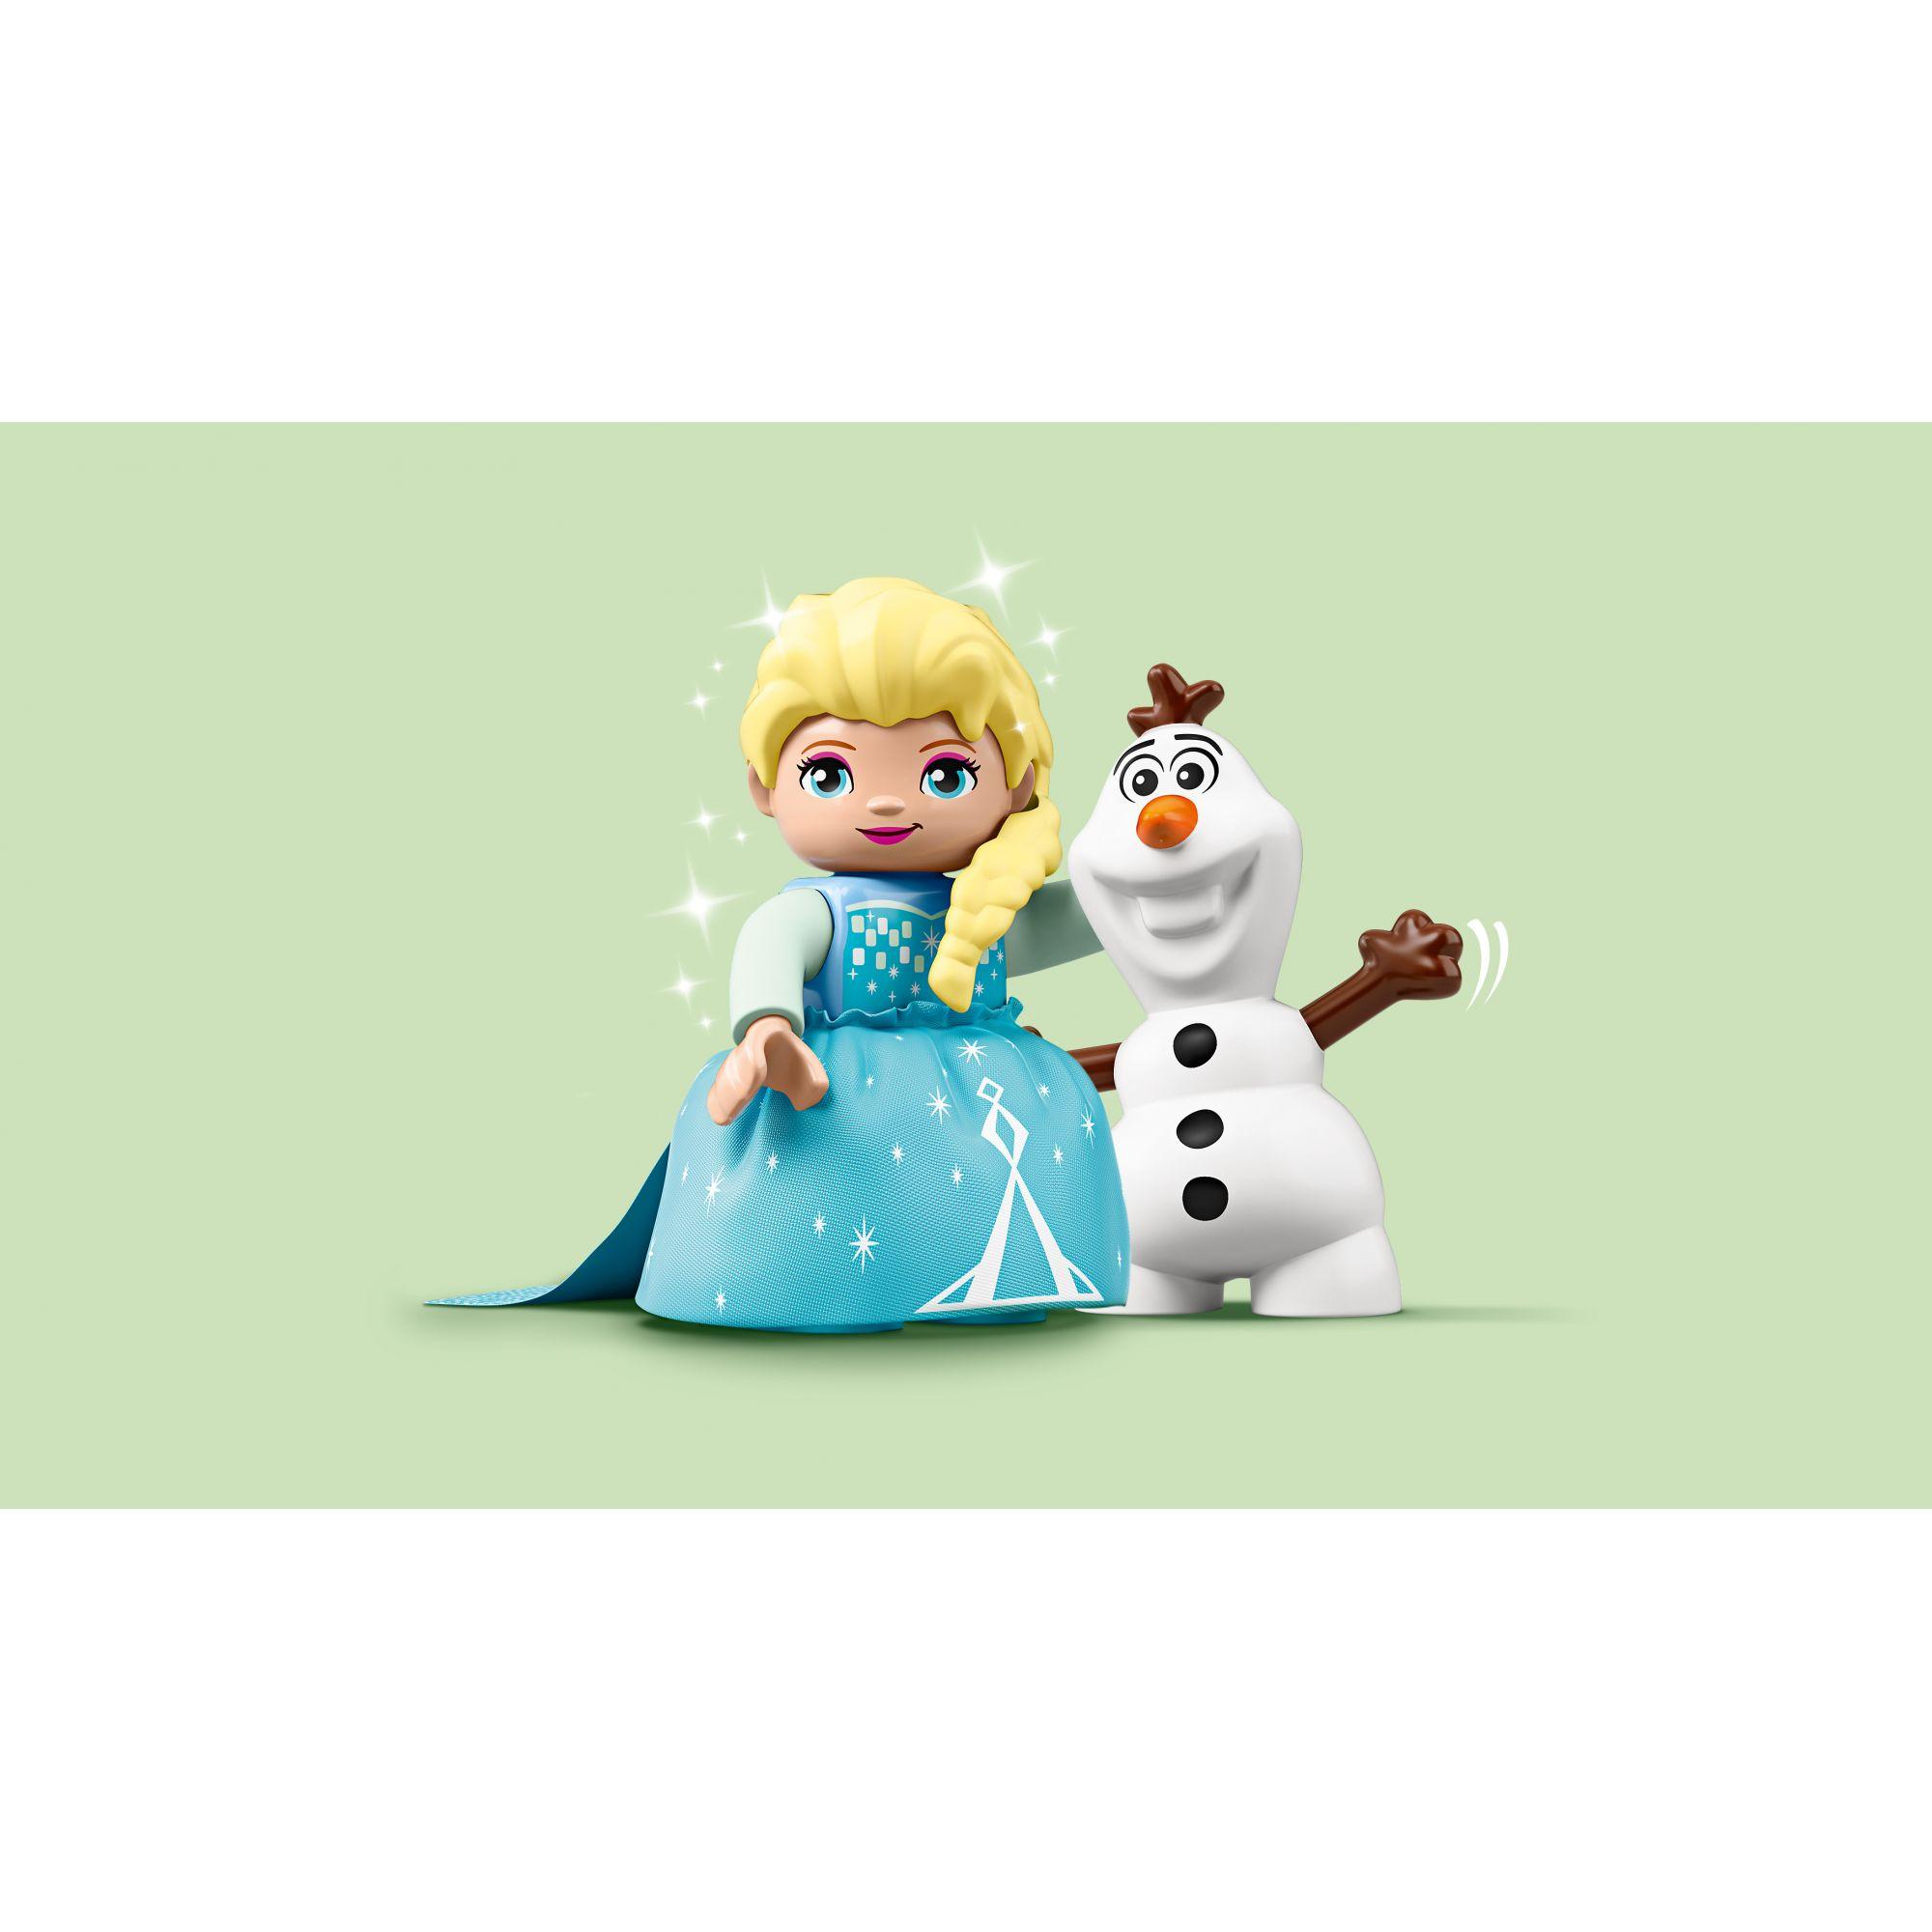 LEGO DUPLO   LEGO DUPLO Il tea party di Elsa e Olaf - 10920